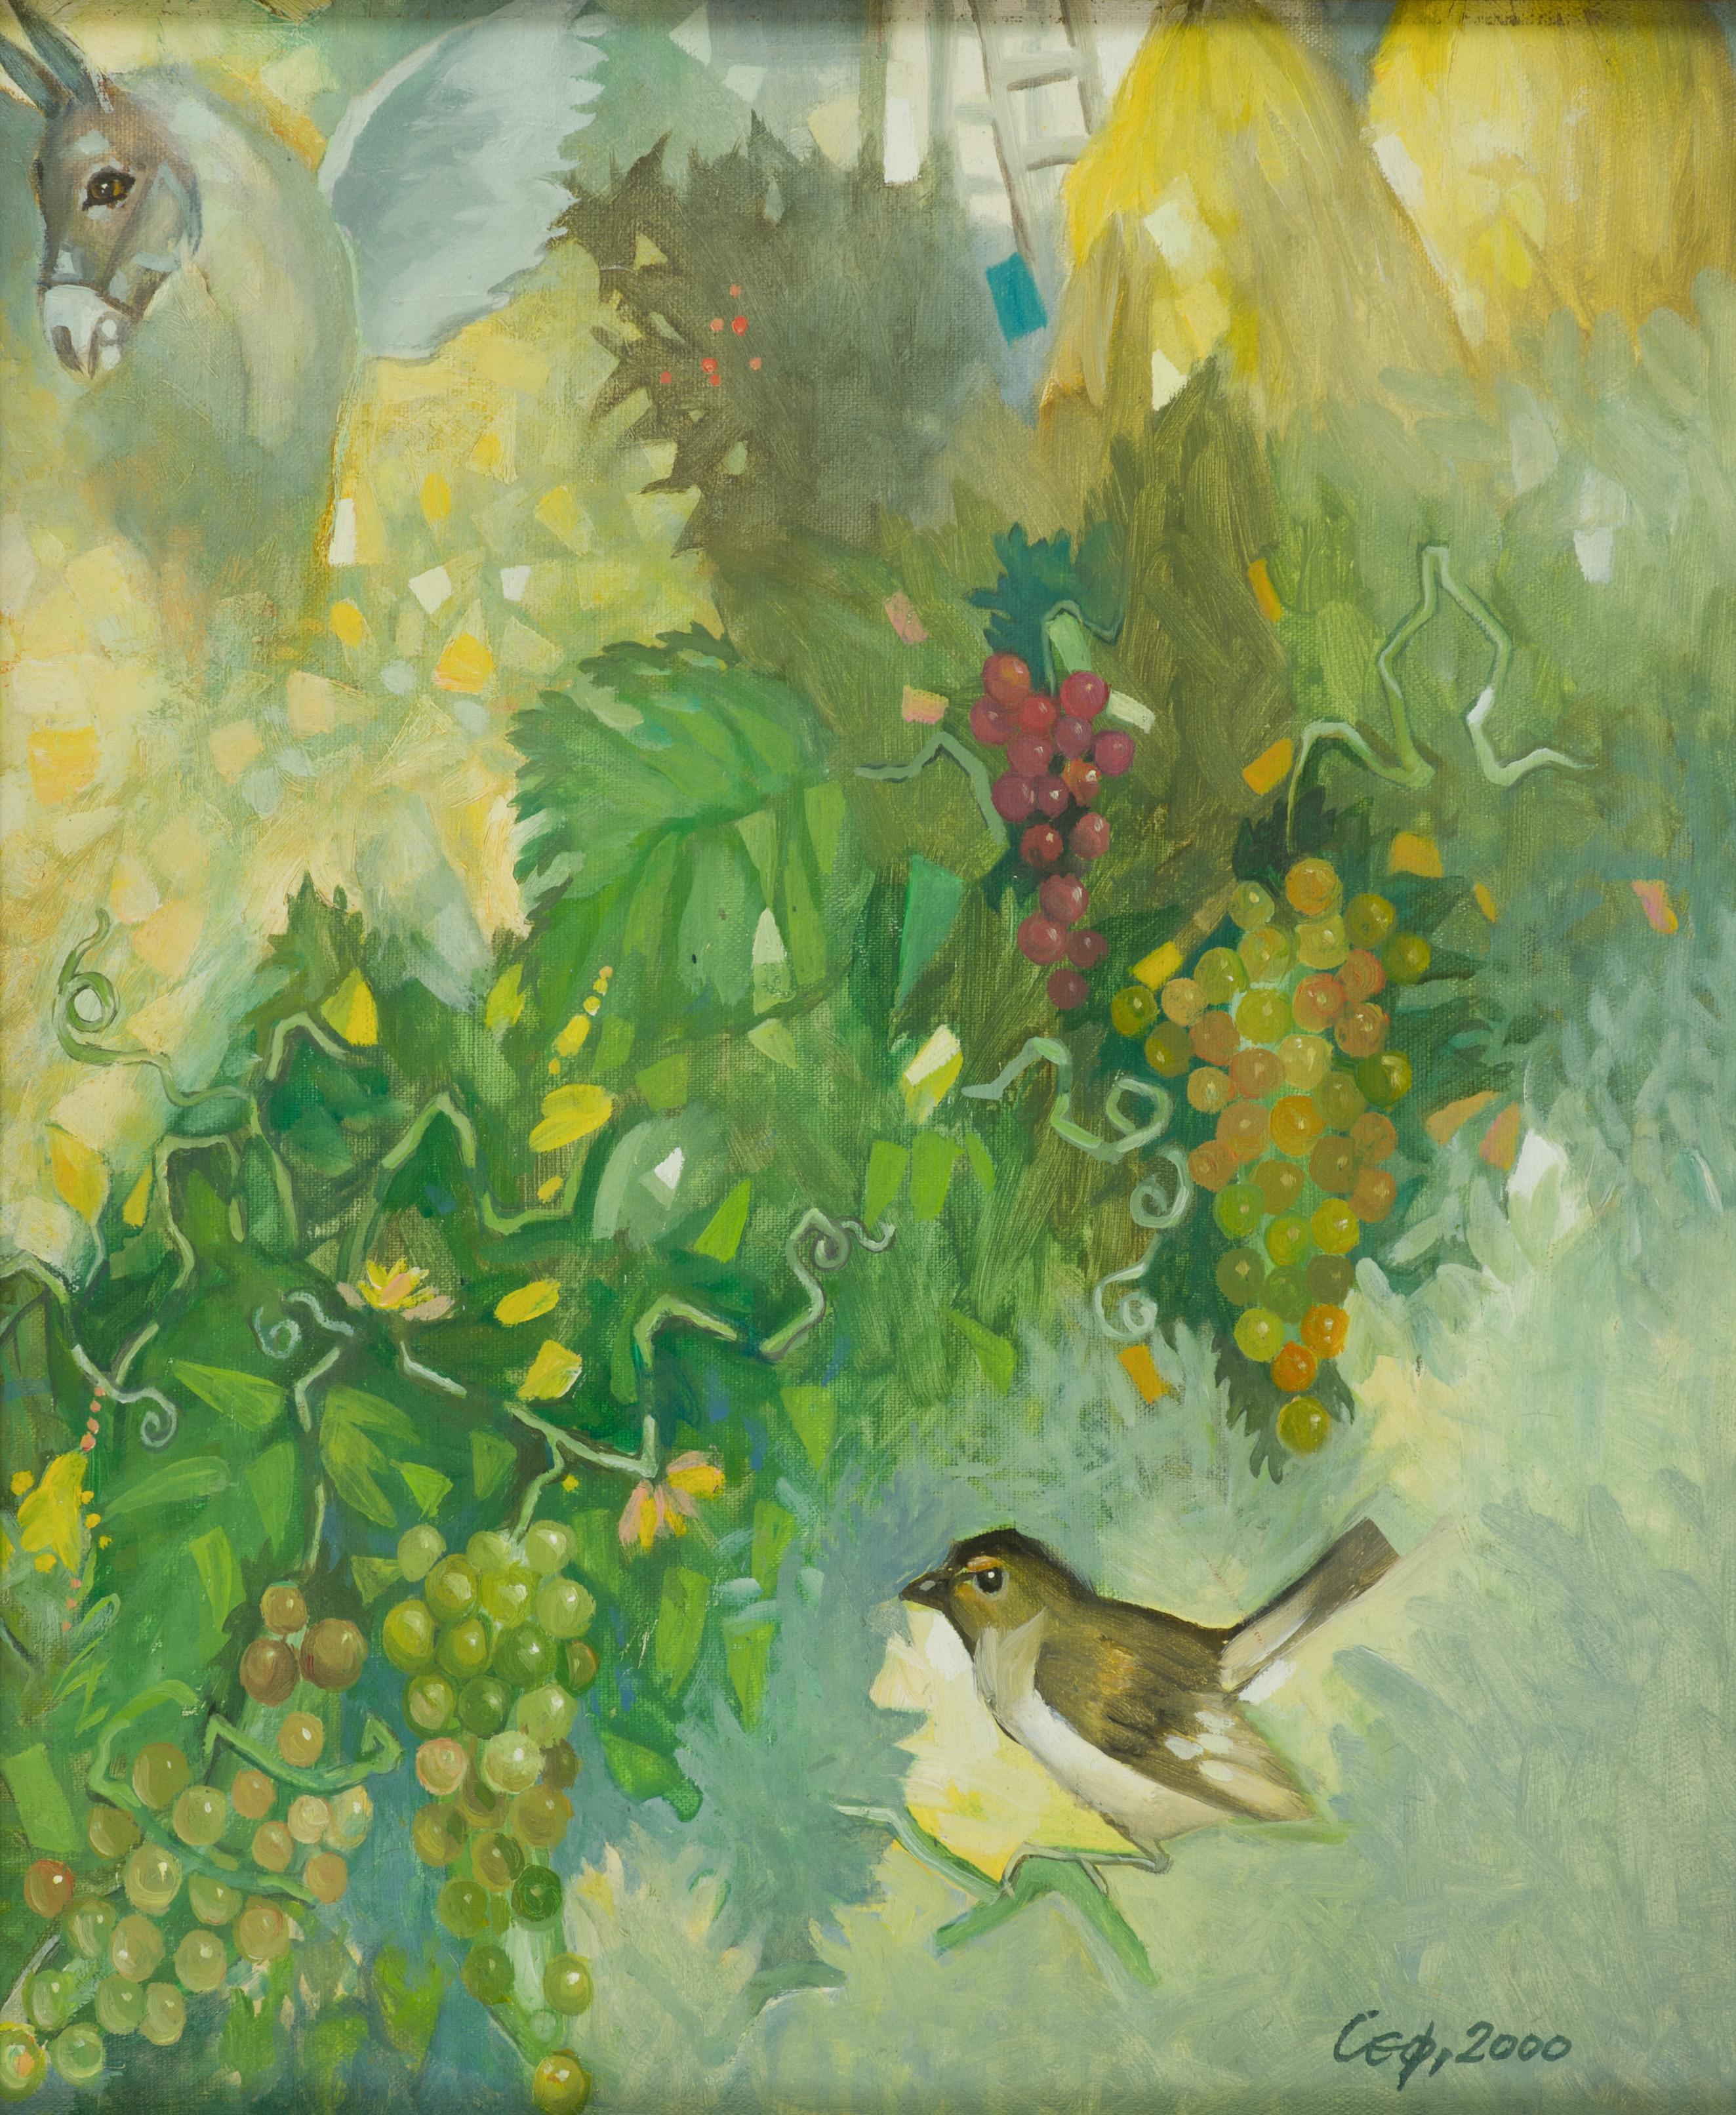 Сули Сеферов - Птица, 2000г